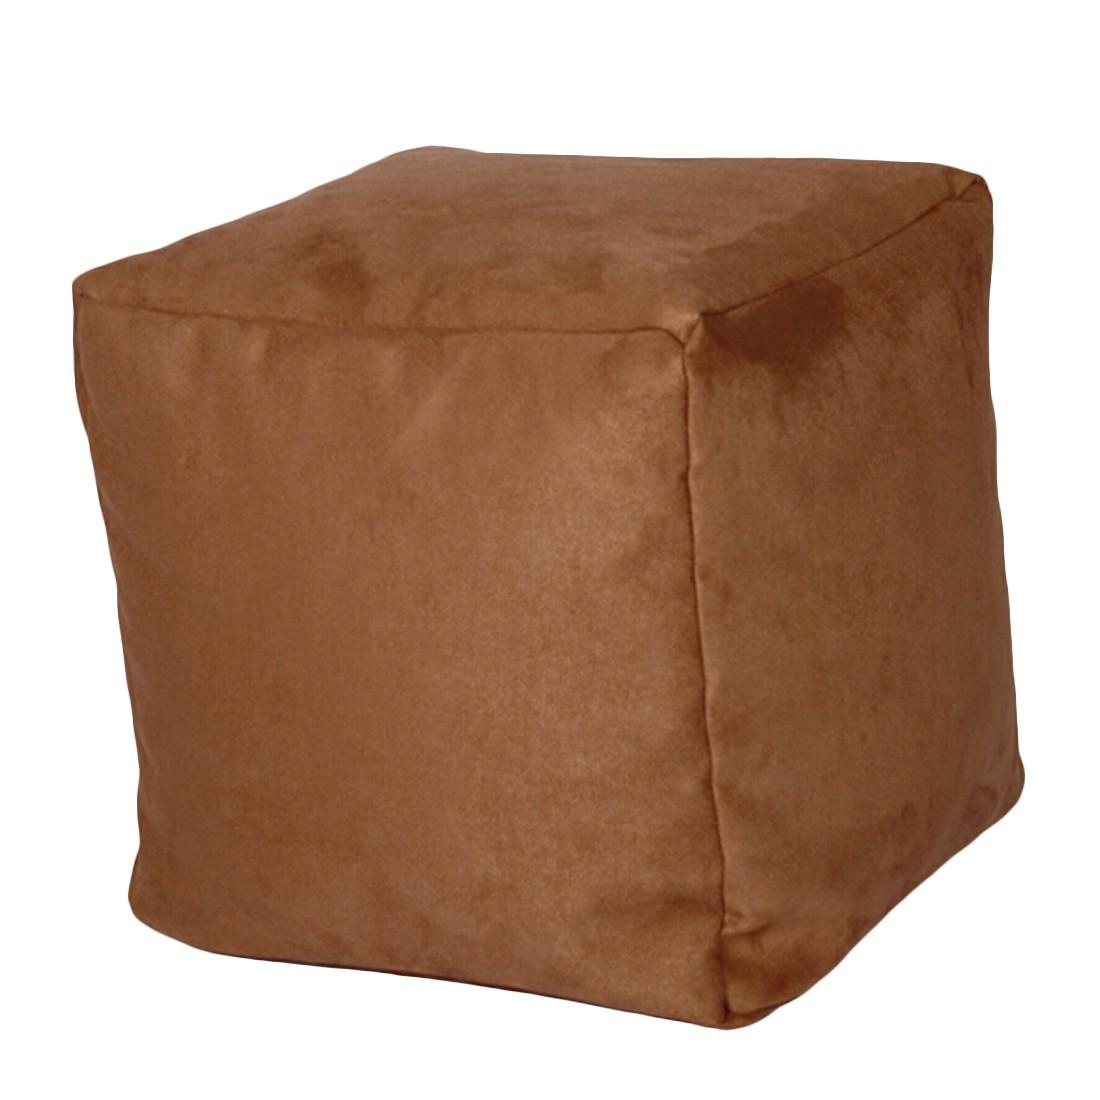 Sitzwürfel Alka hellbraun klein – 30 x 30 cm, KC-Handel online kaufen